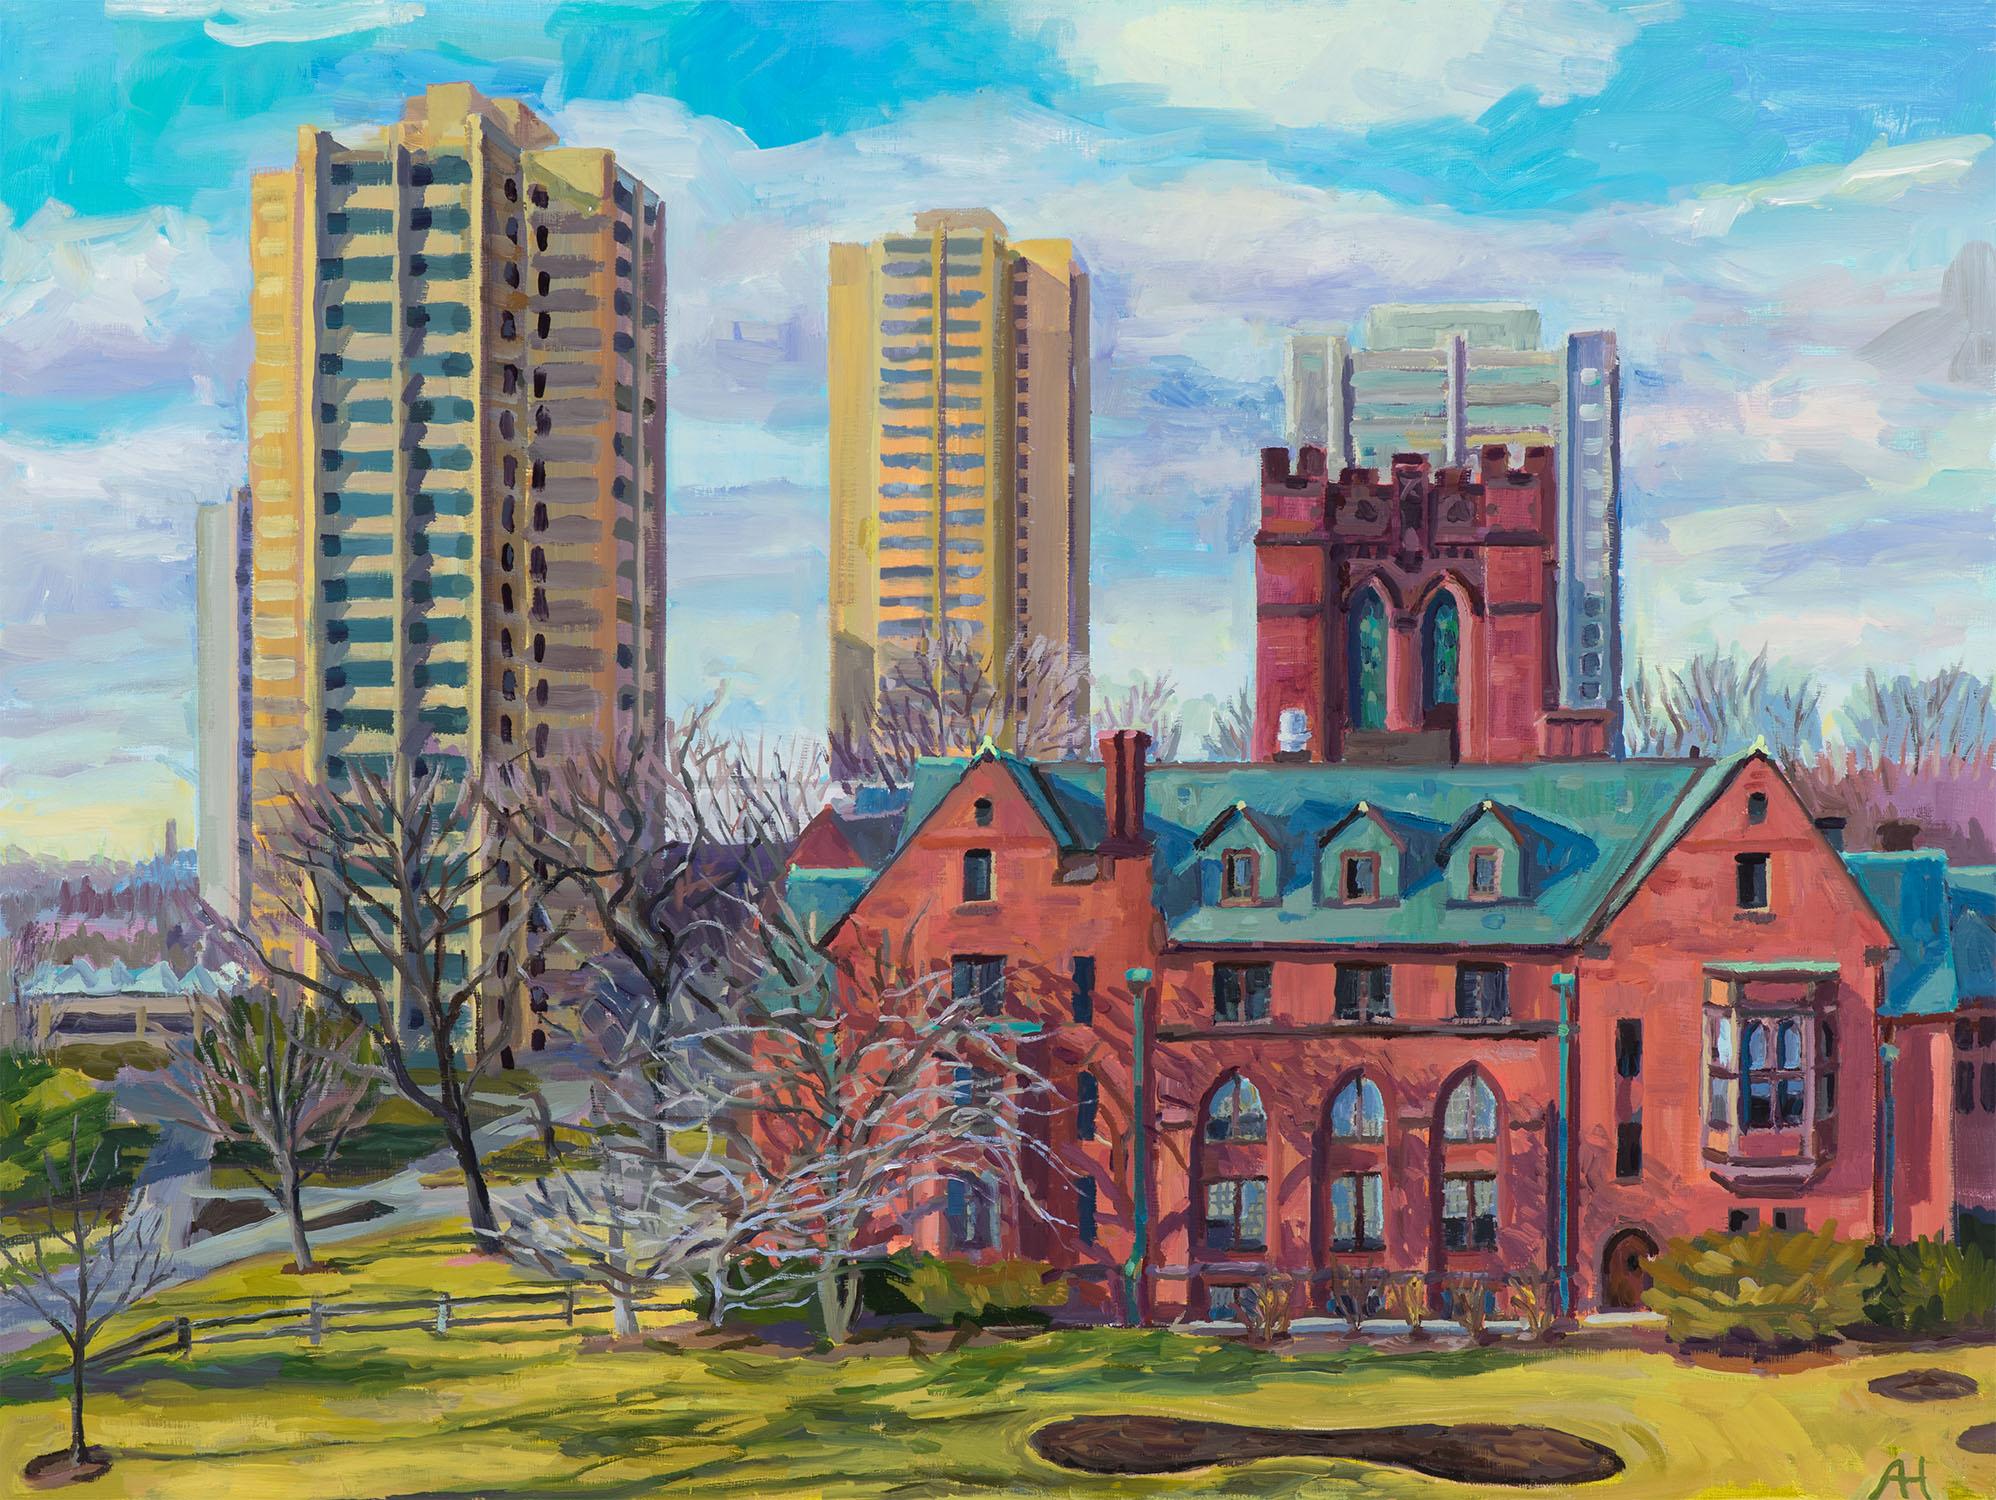 """Chapman Hall and Sandburg Dorms, oil on wood, 12"""" x 16"""", 2020"""